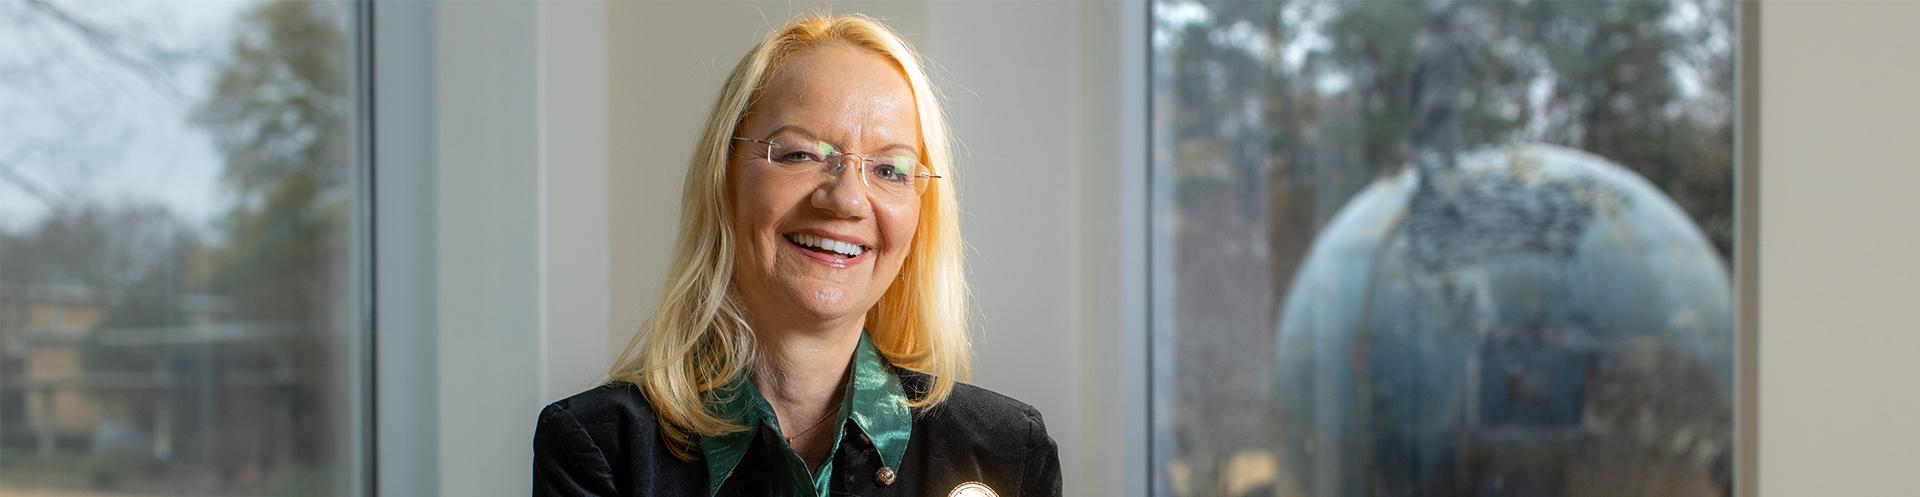 Dr. Sabine Smith helps open German Studies pipeline